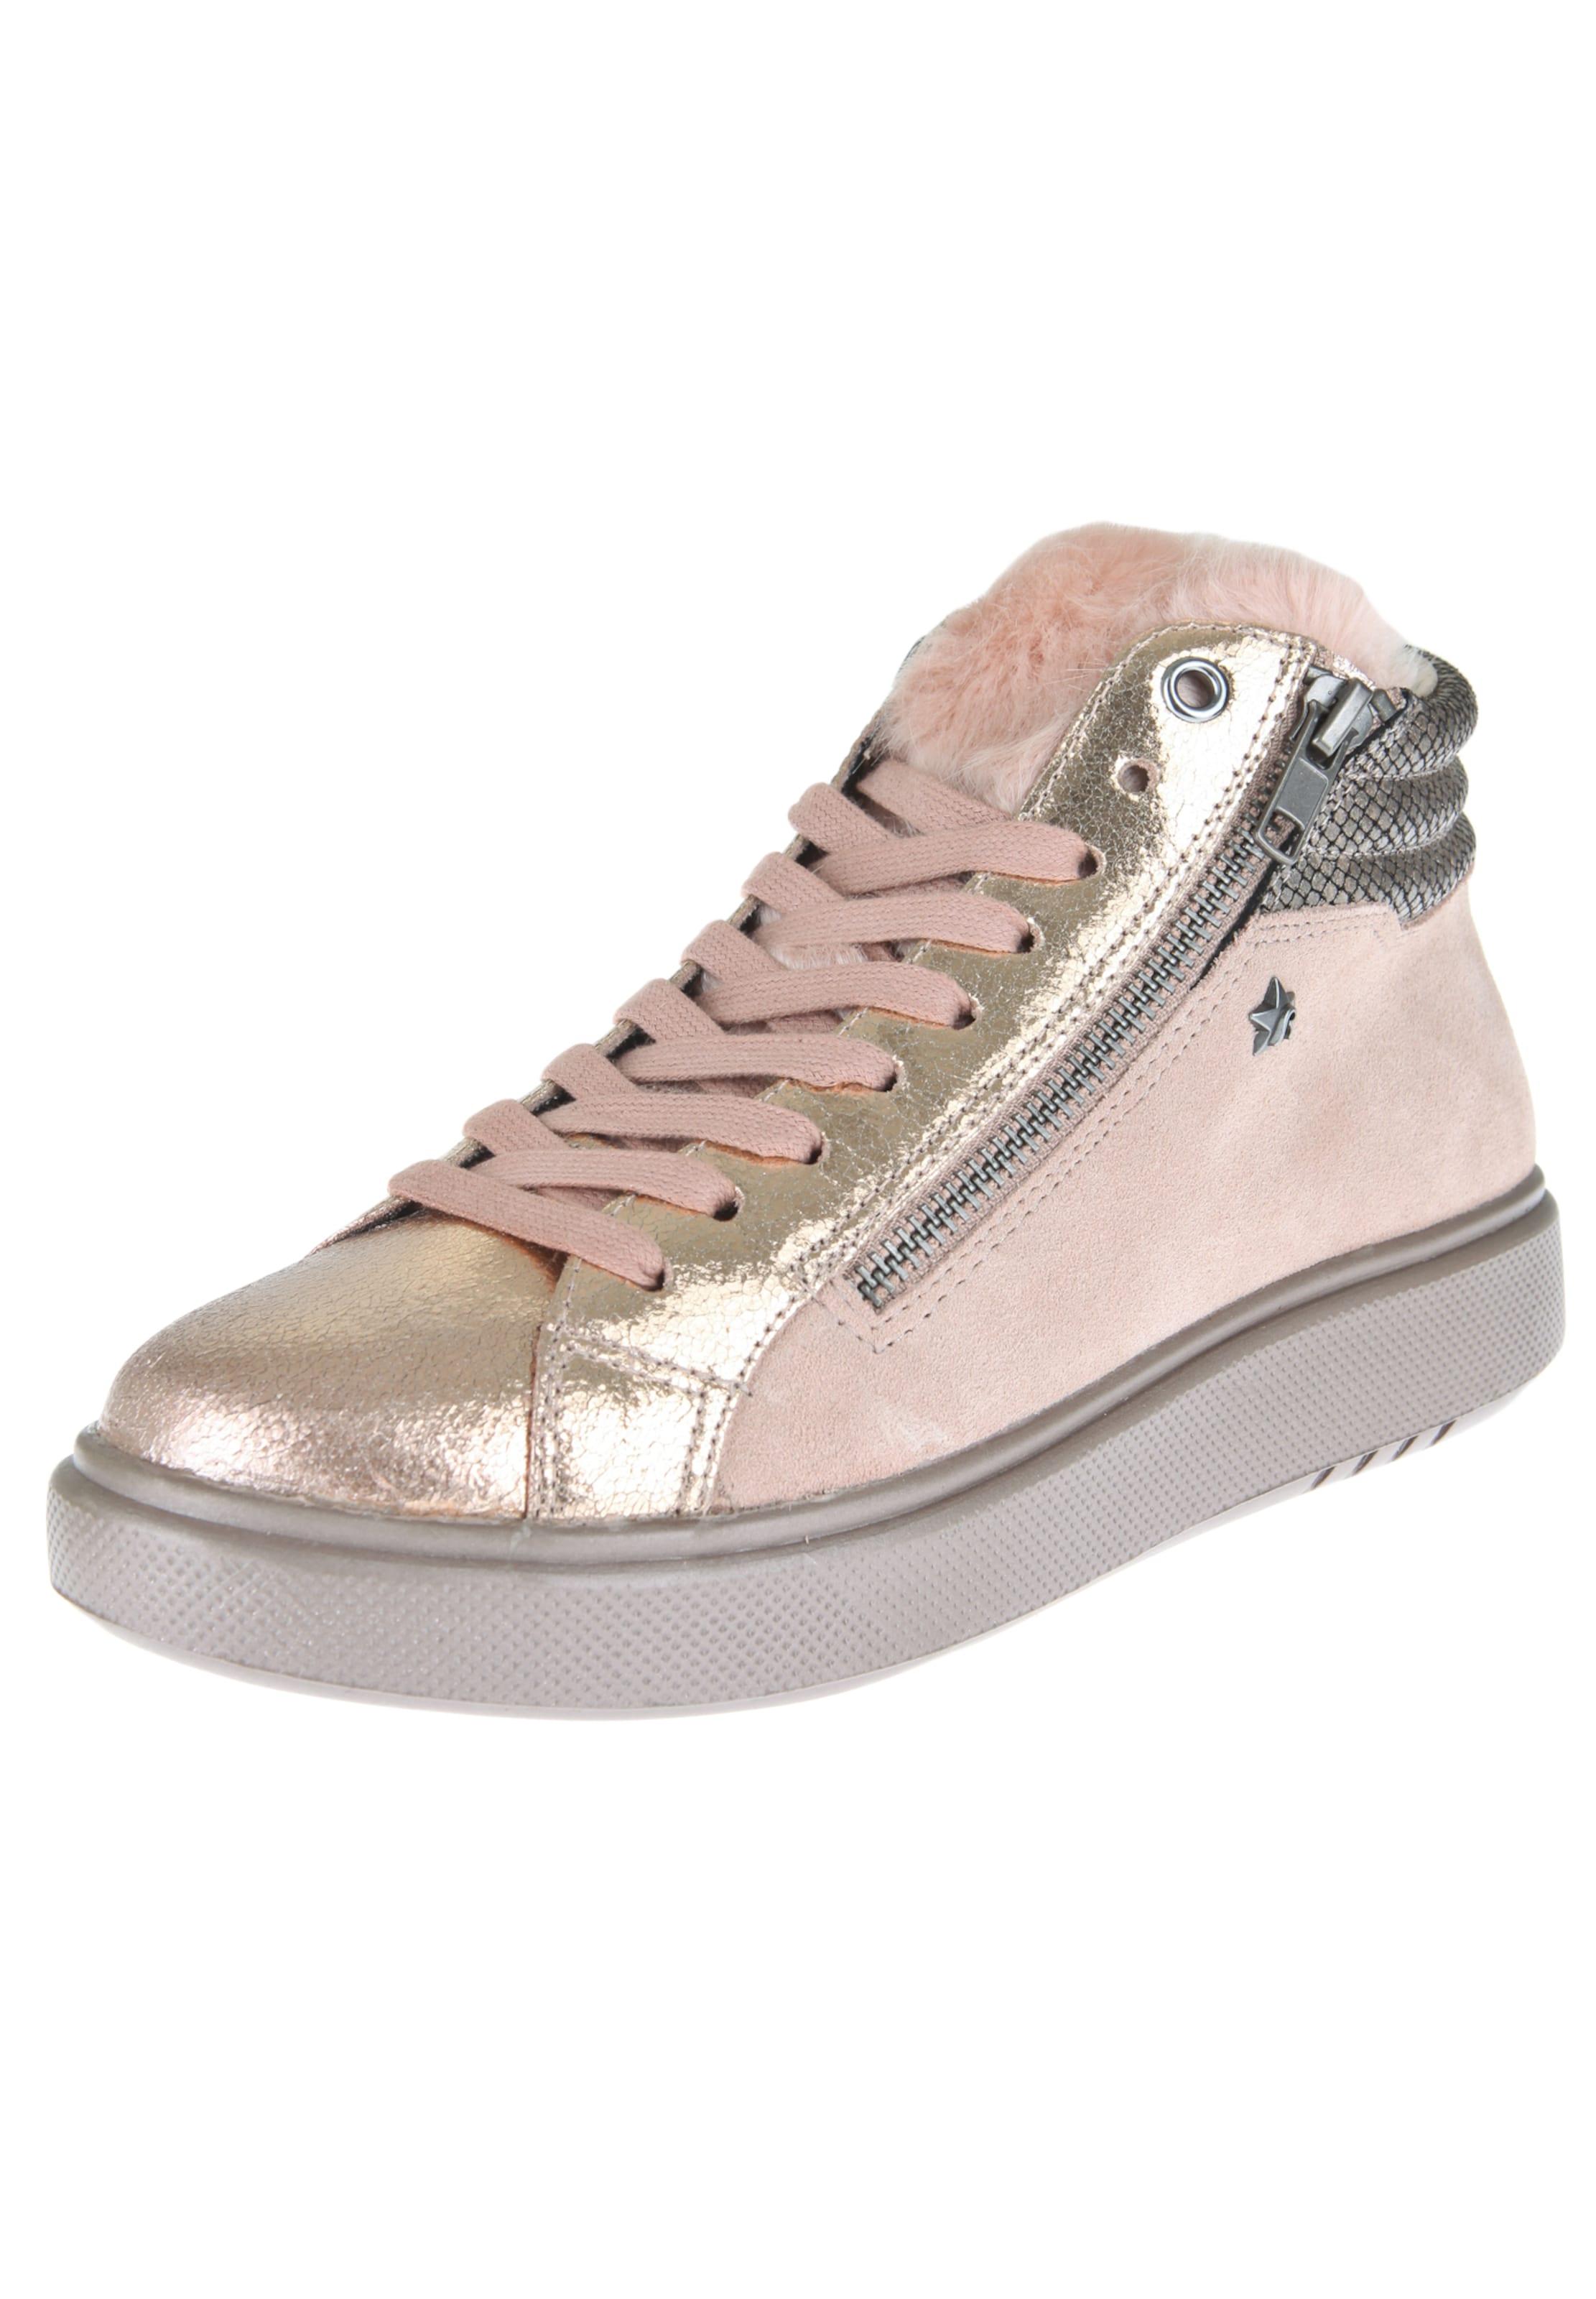 REPLAY High-Top Sneaker YOHA Verschleißfeste billige Schuhe